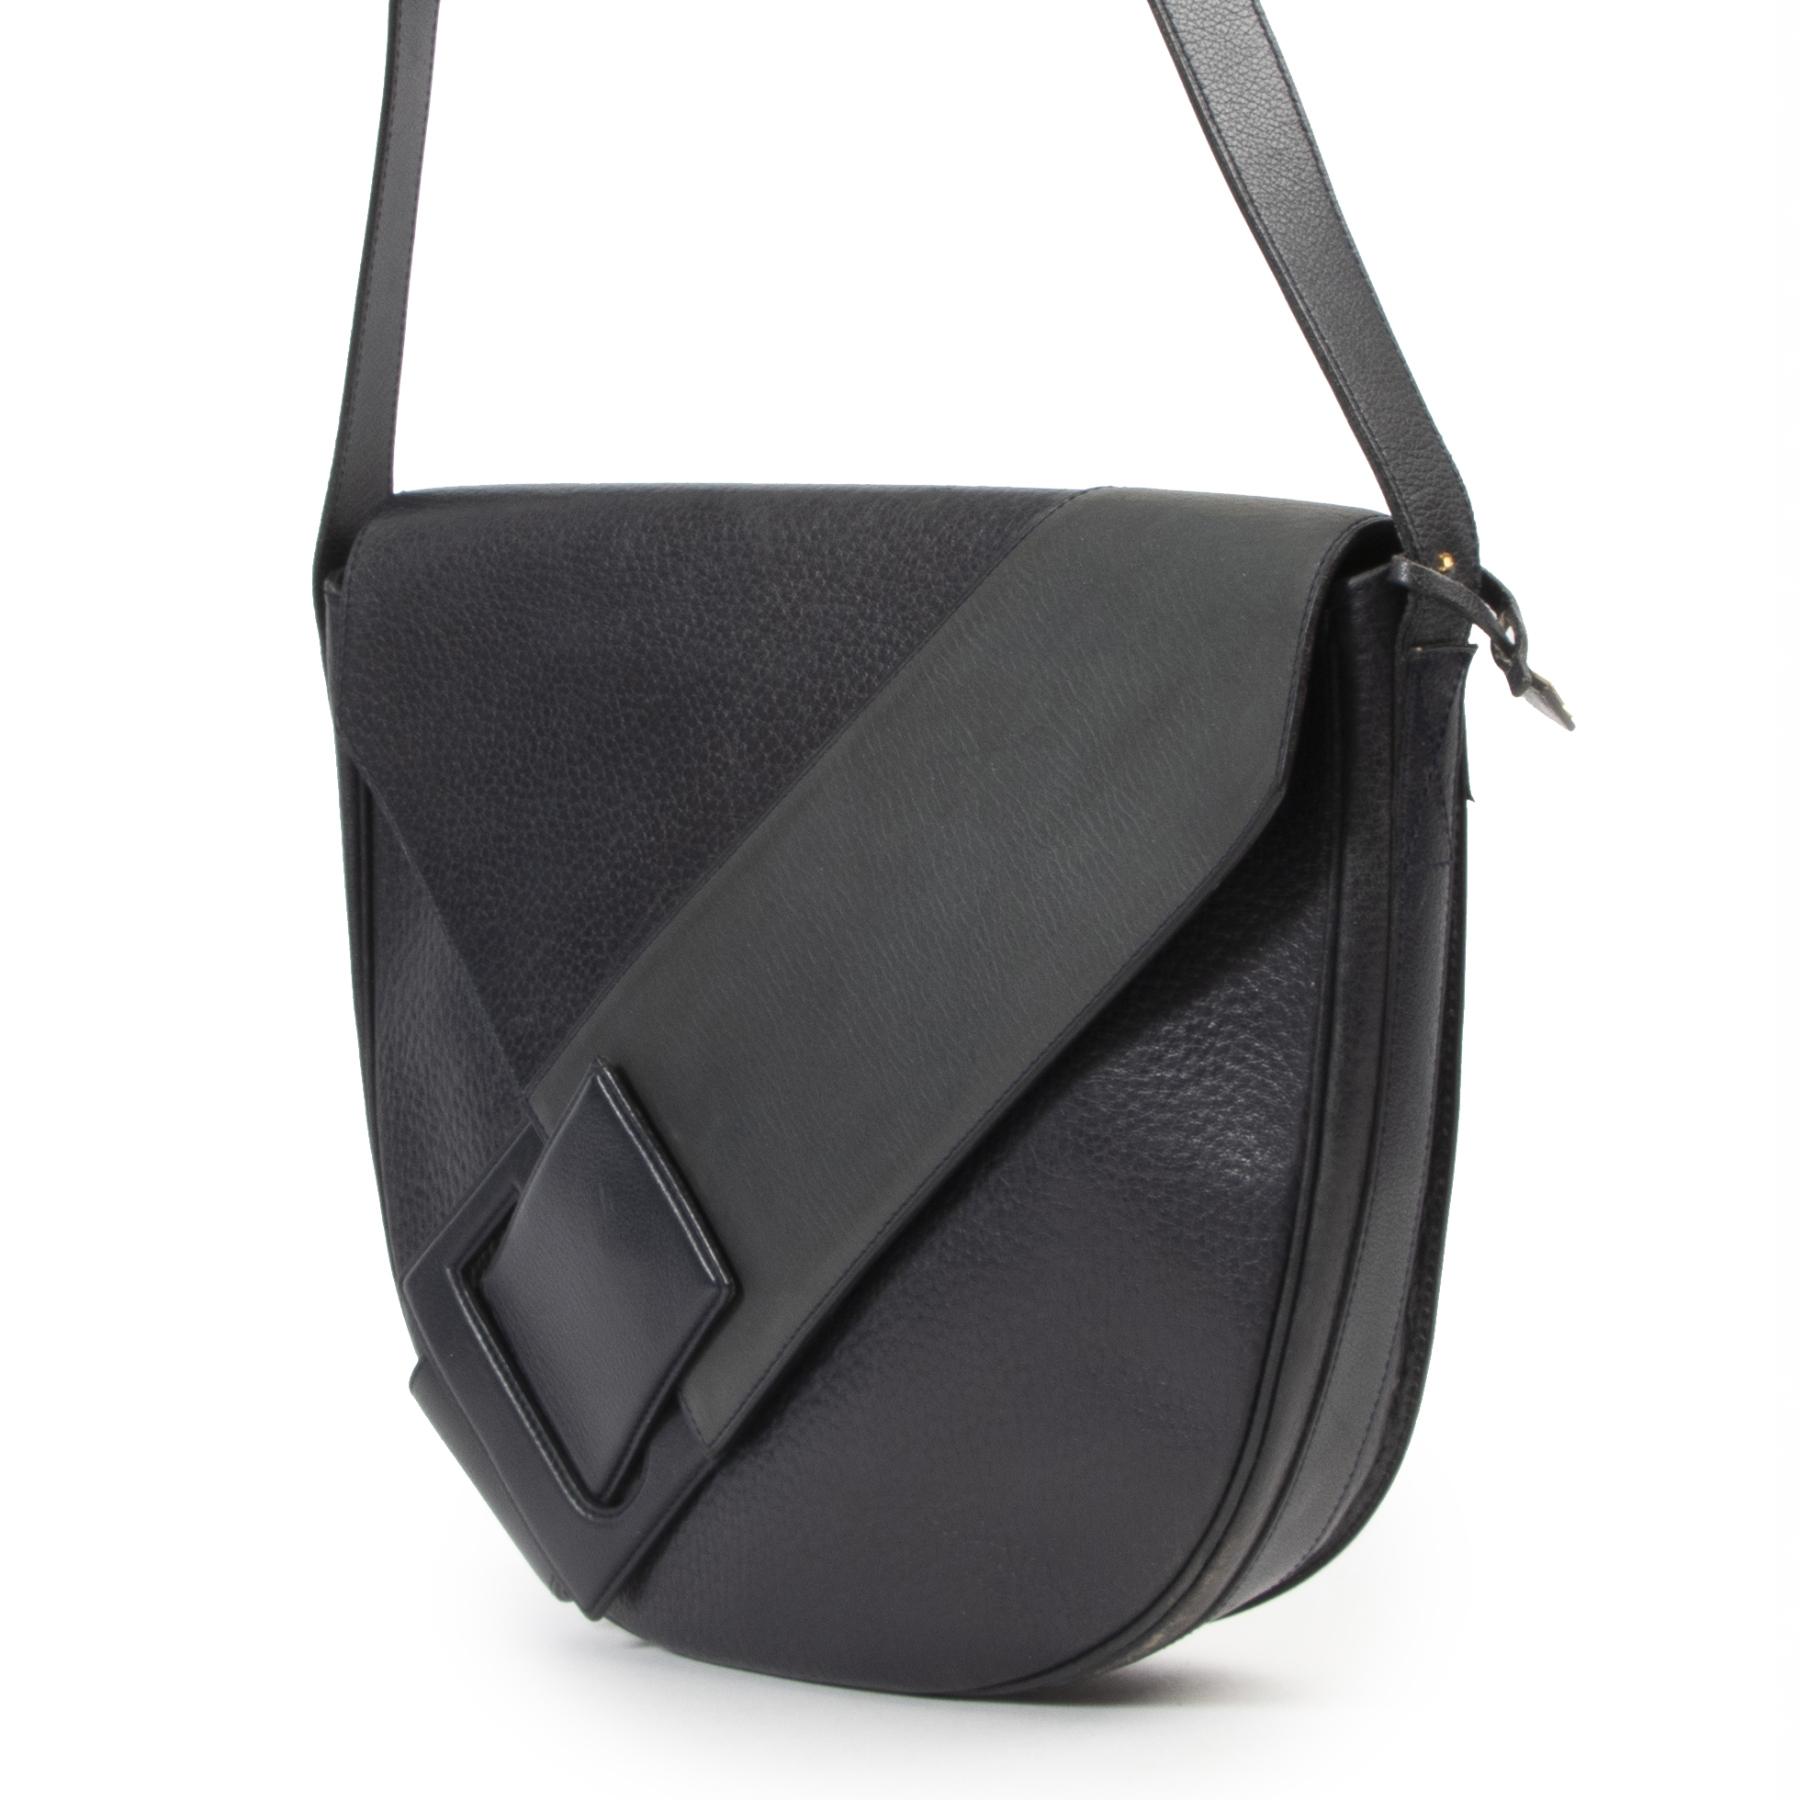 Acheter d'authentiques sacs à main Delvaux d'occasion à bon prix chez LabelLOV.